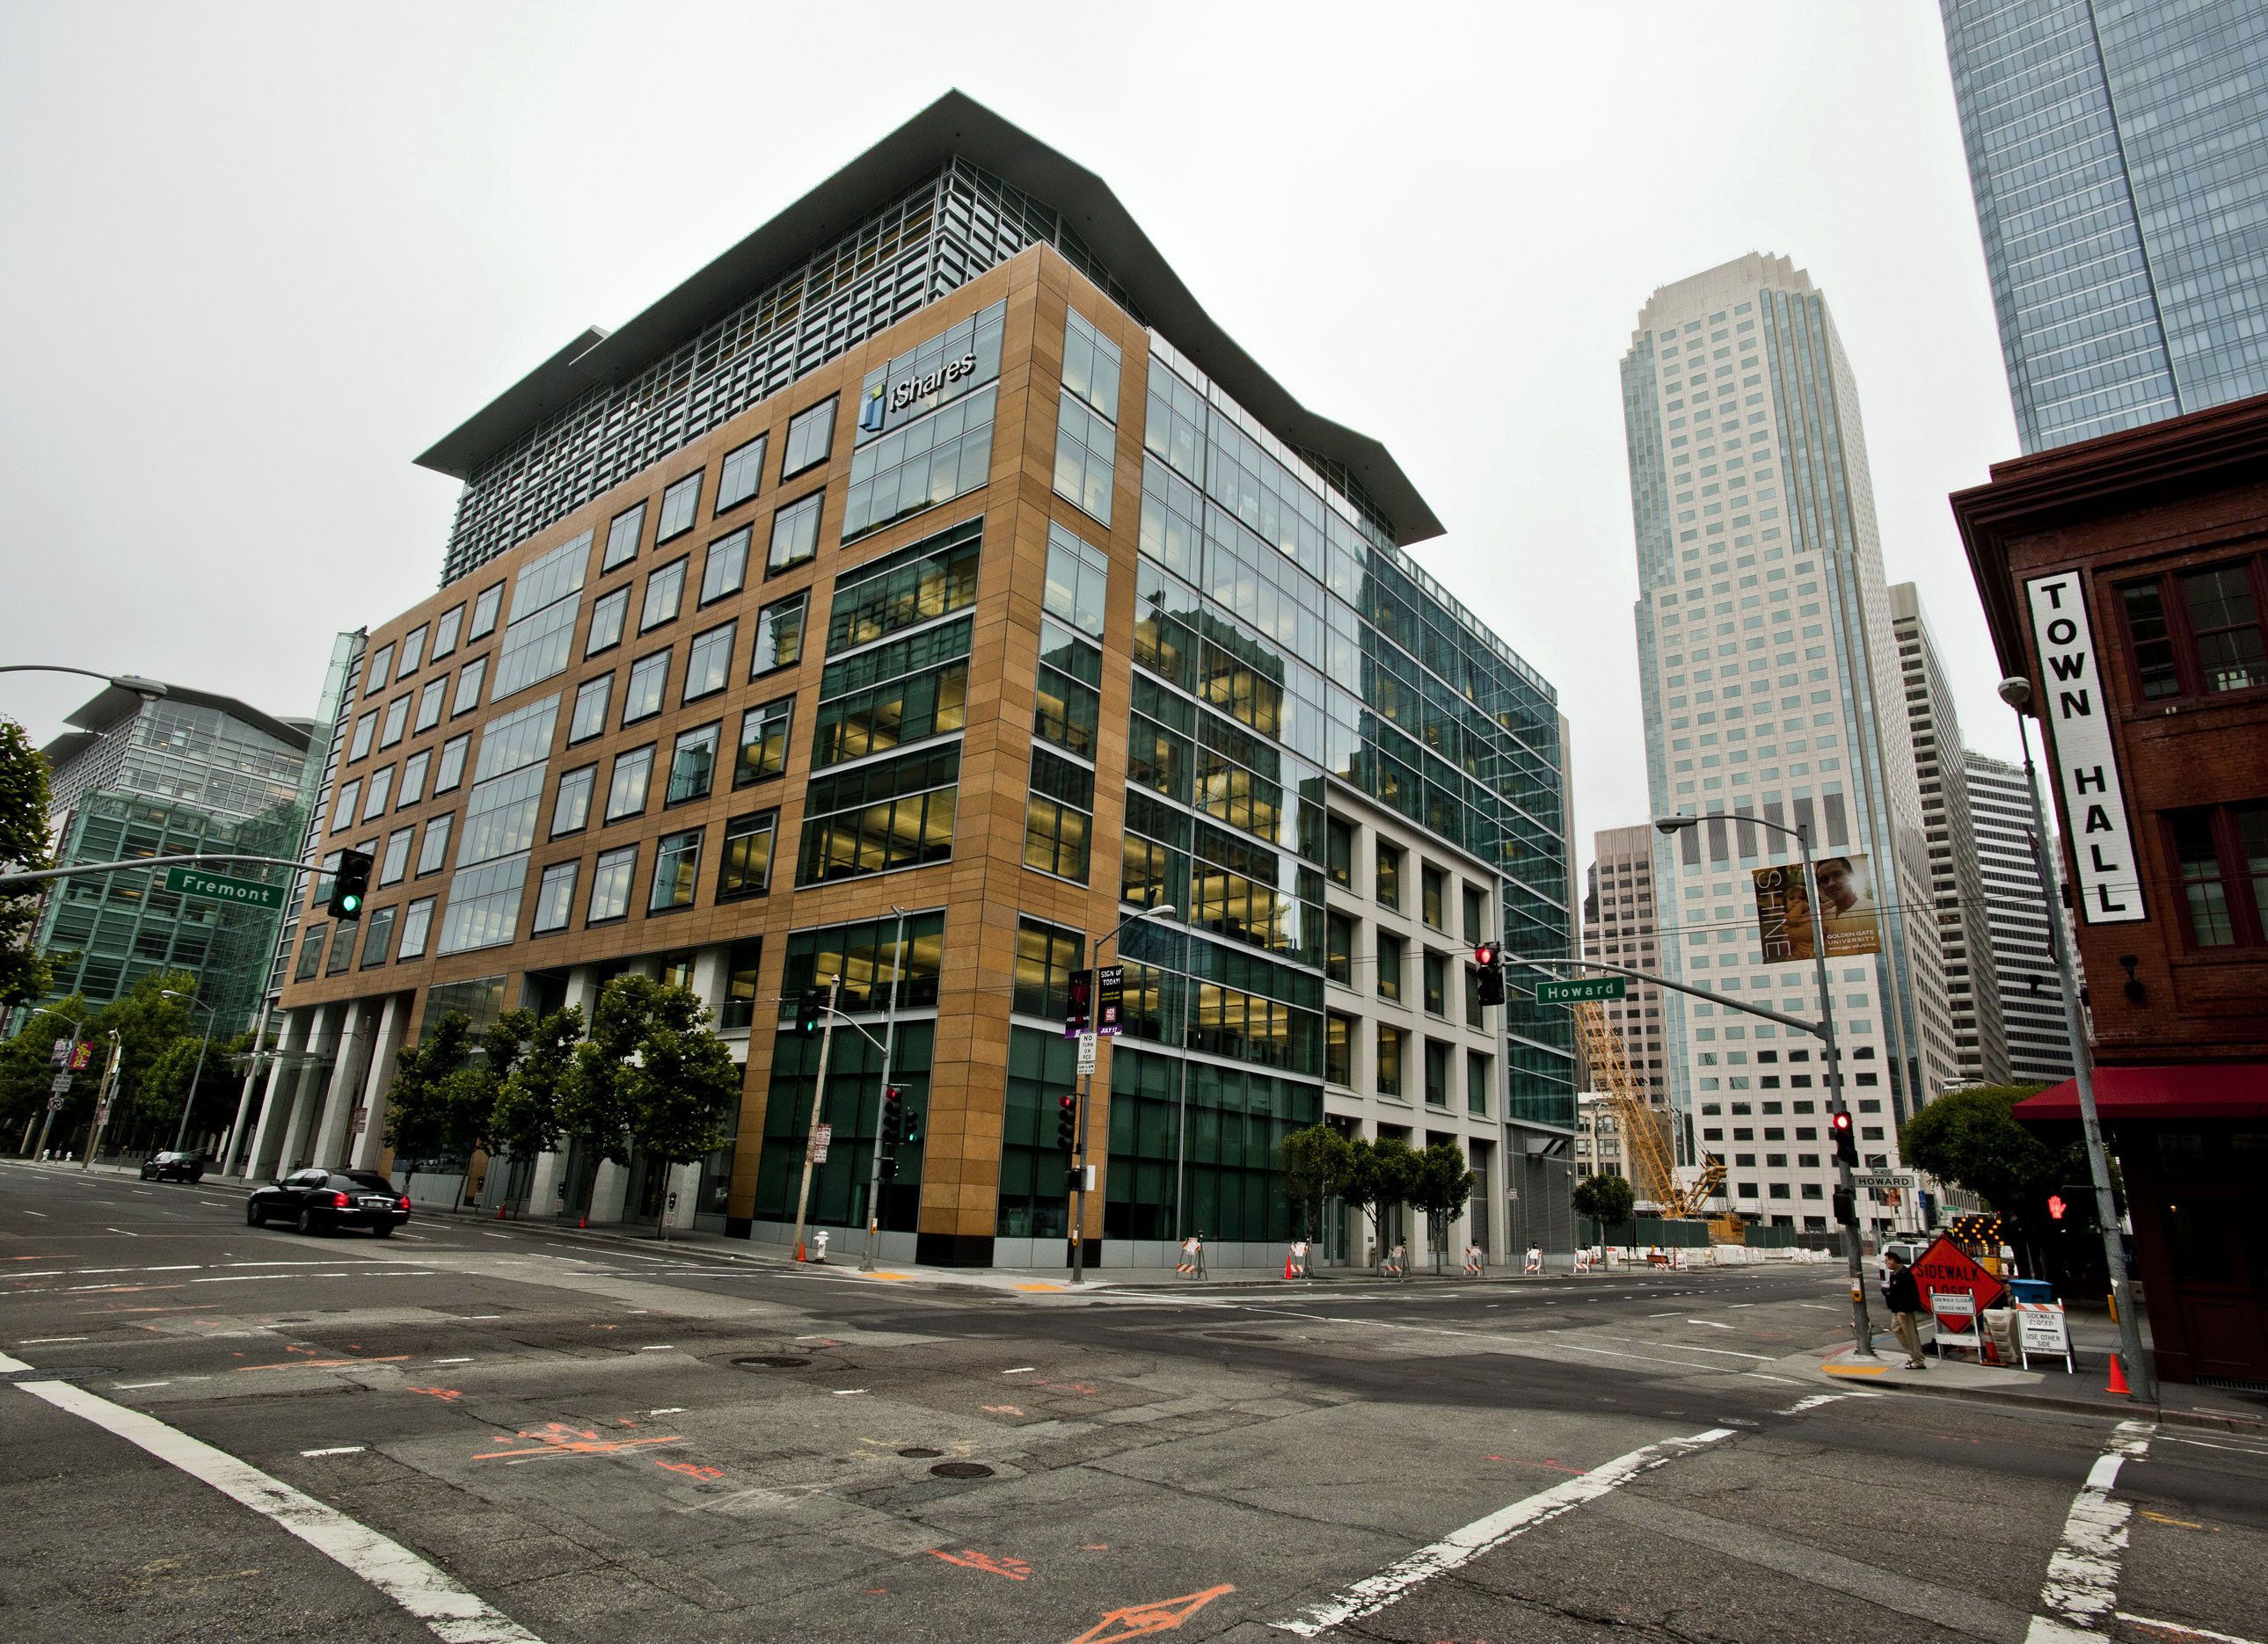 Architecture Blackrock Bldg cnr Howard and Fremont St San Francisco CA July 2011 02